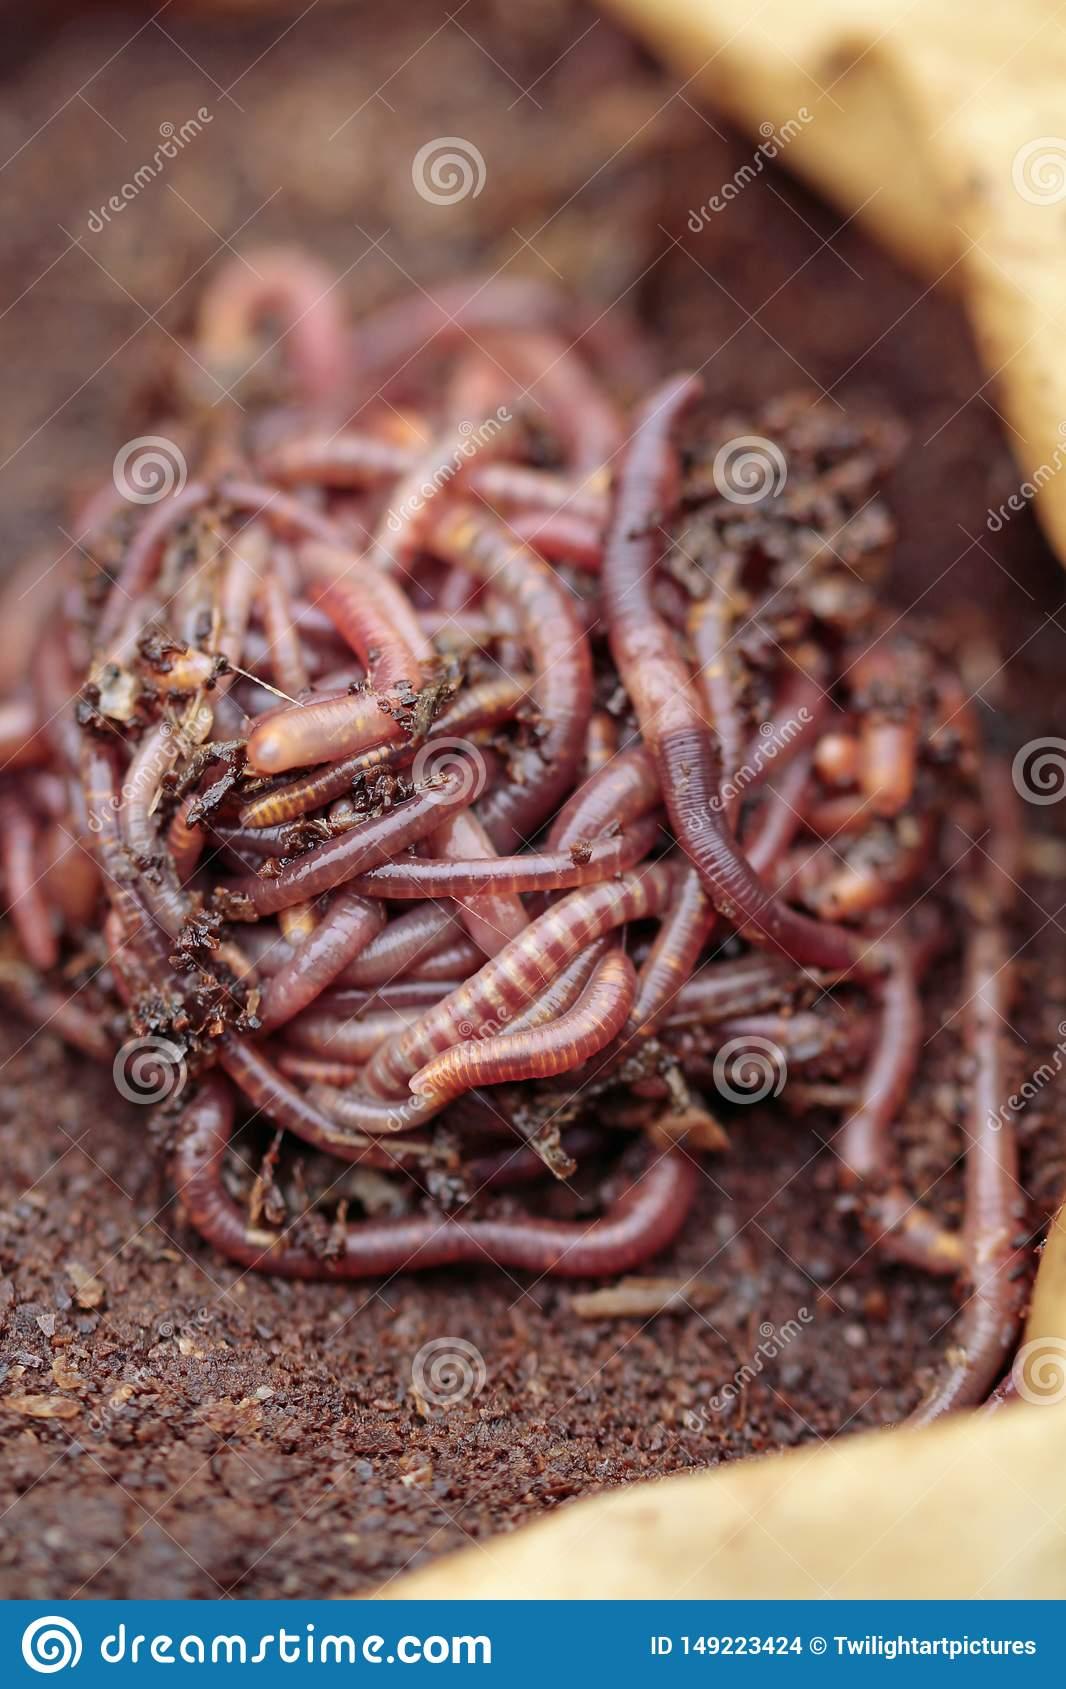 Разведение калифорнийских червей в домашних условиях как бизнес: условия и технология содержания, продажа оптом